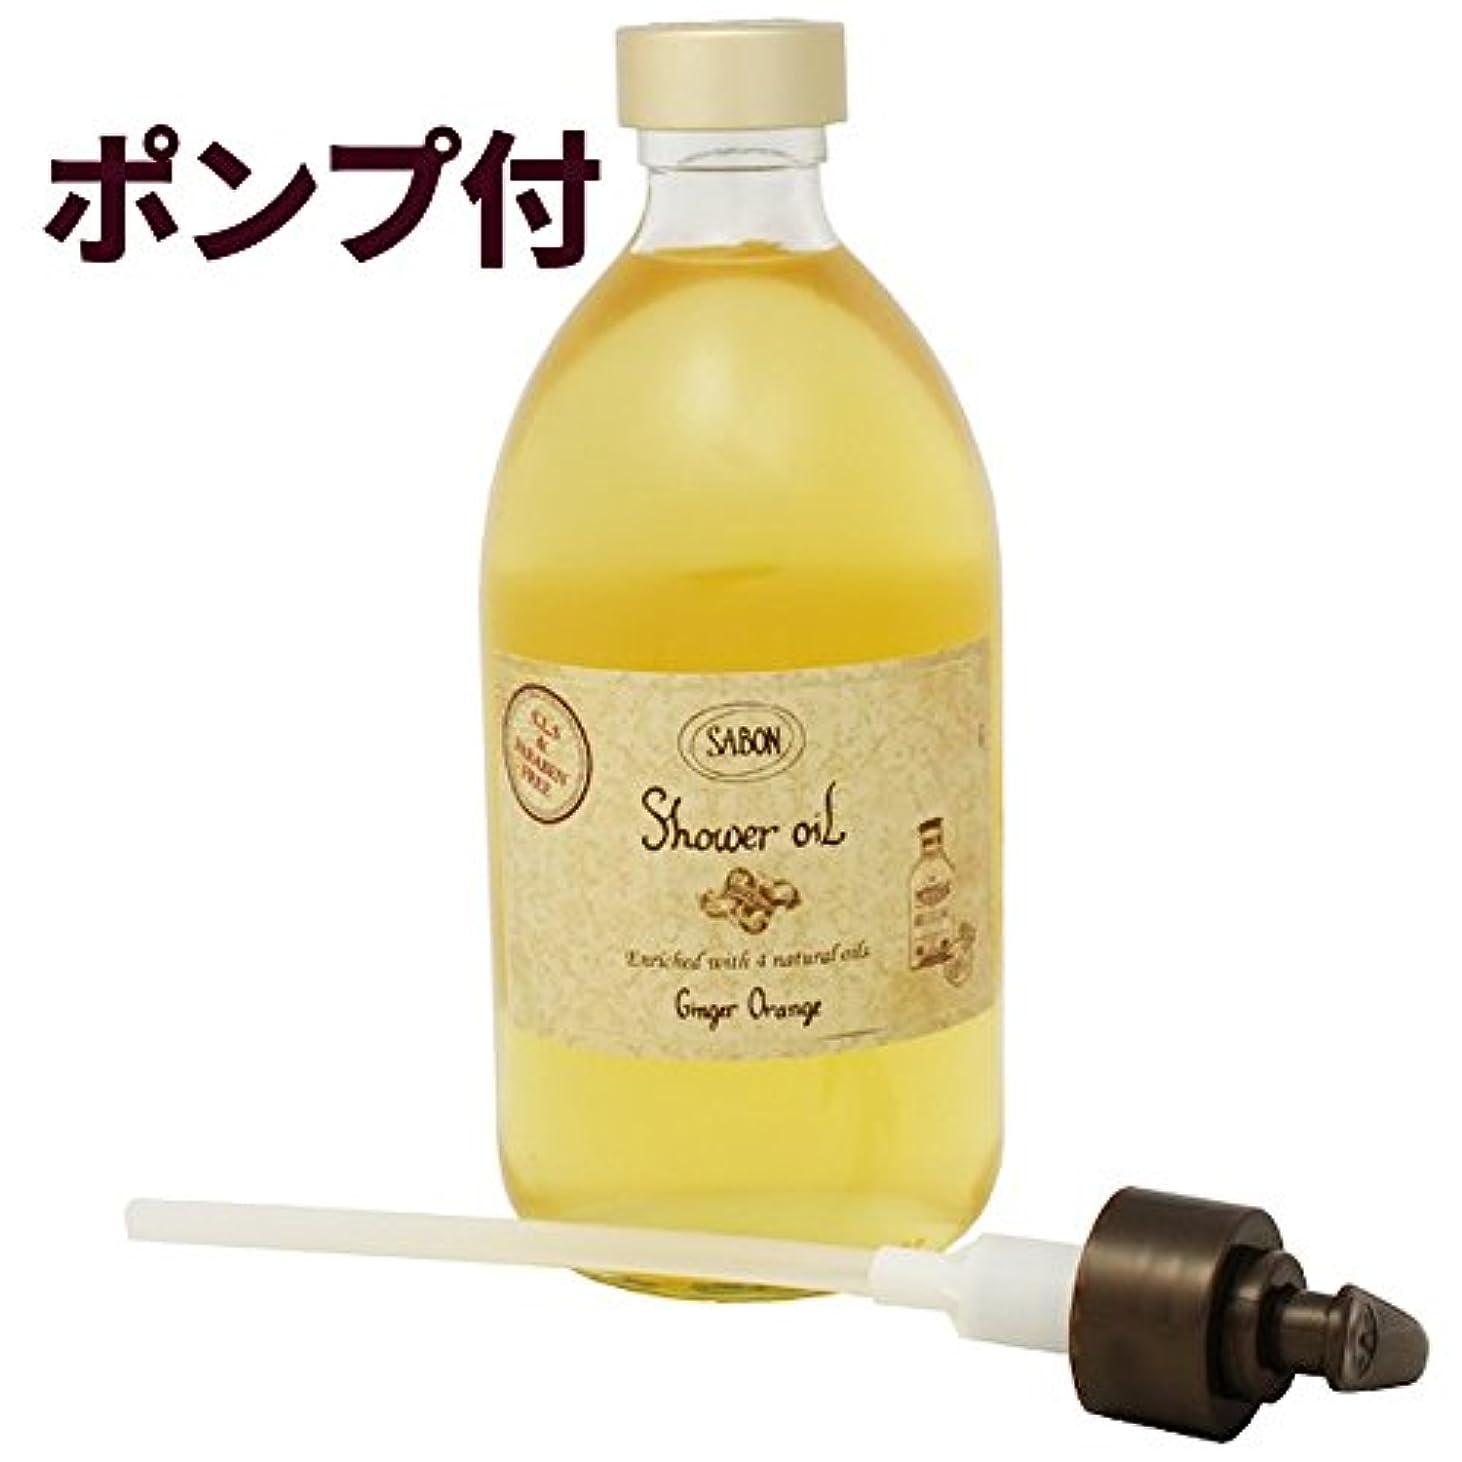 調停するペンス激怒サボン シャワーオイル ジンジャーオレンジ 500ml(並行輸入品)